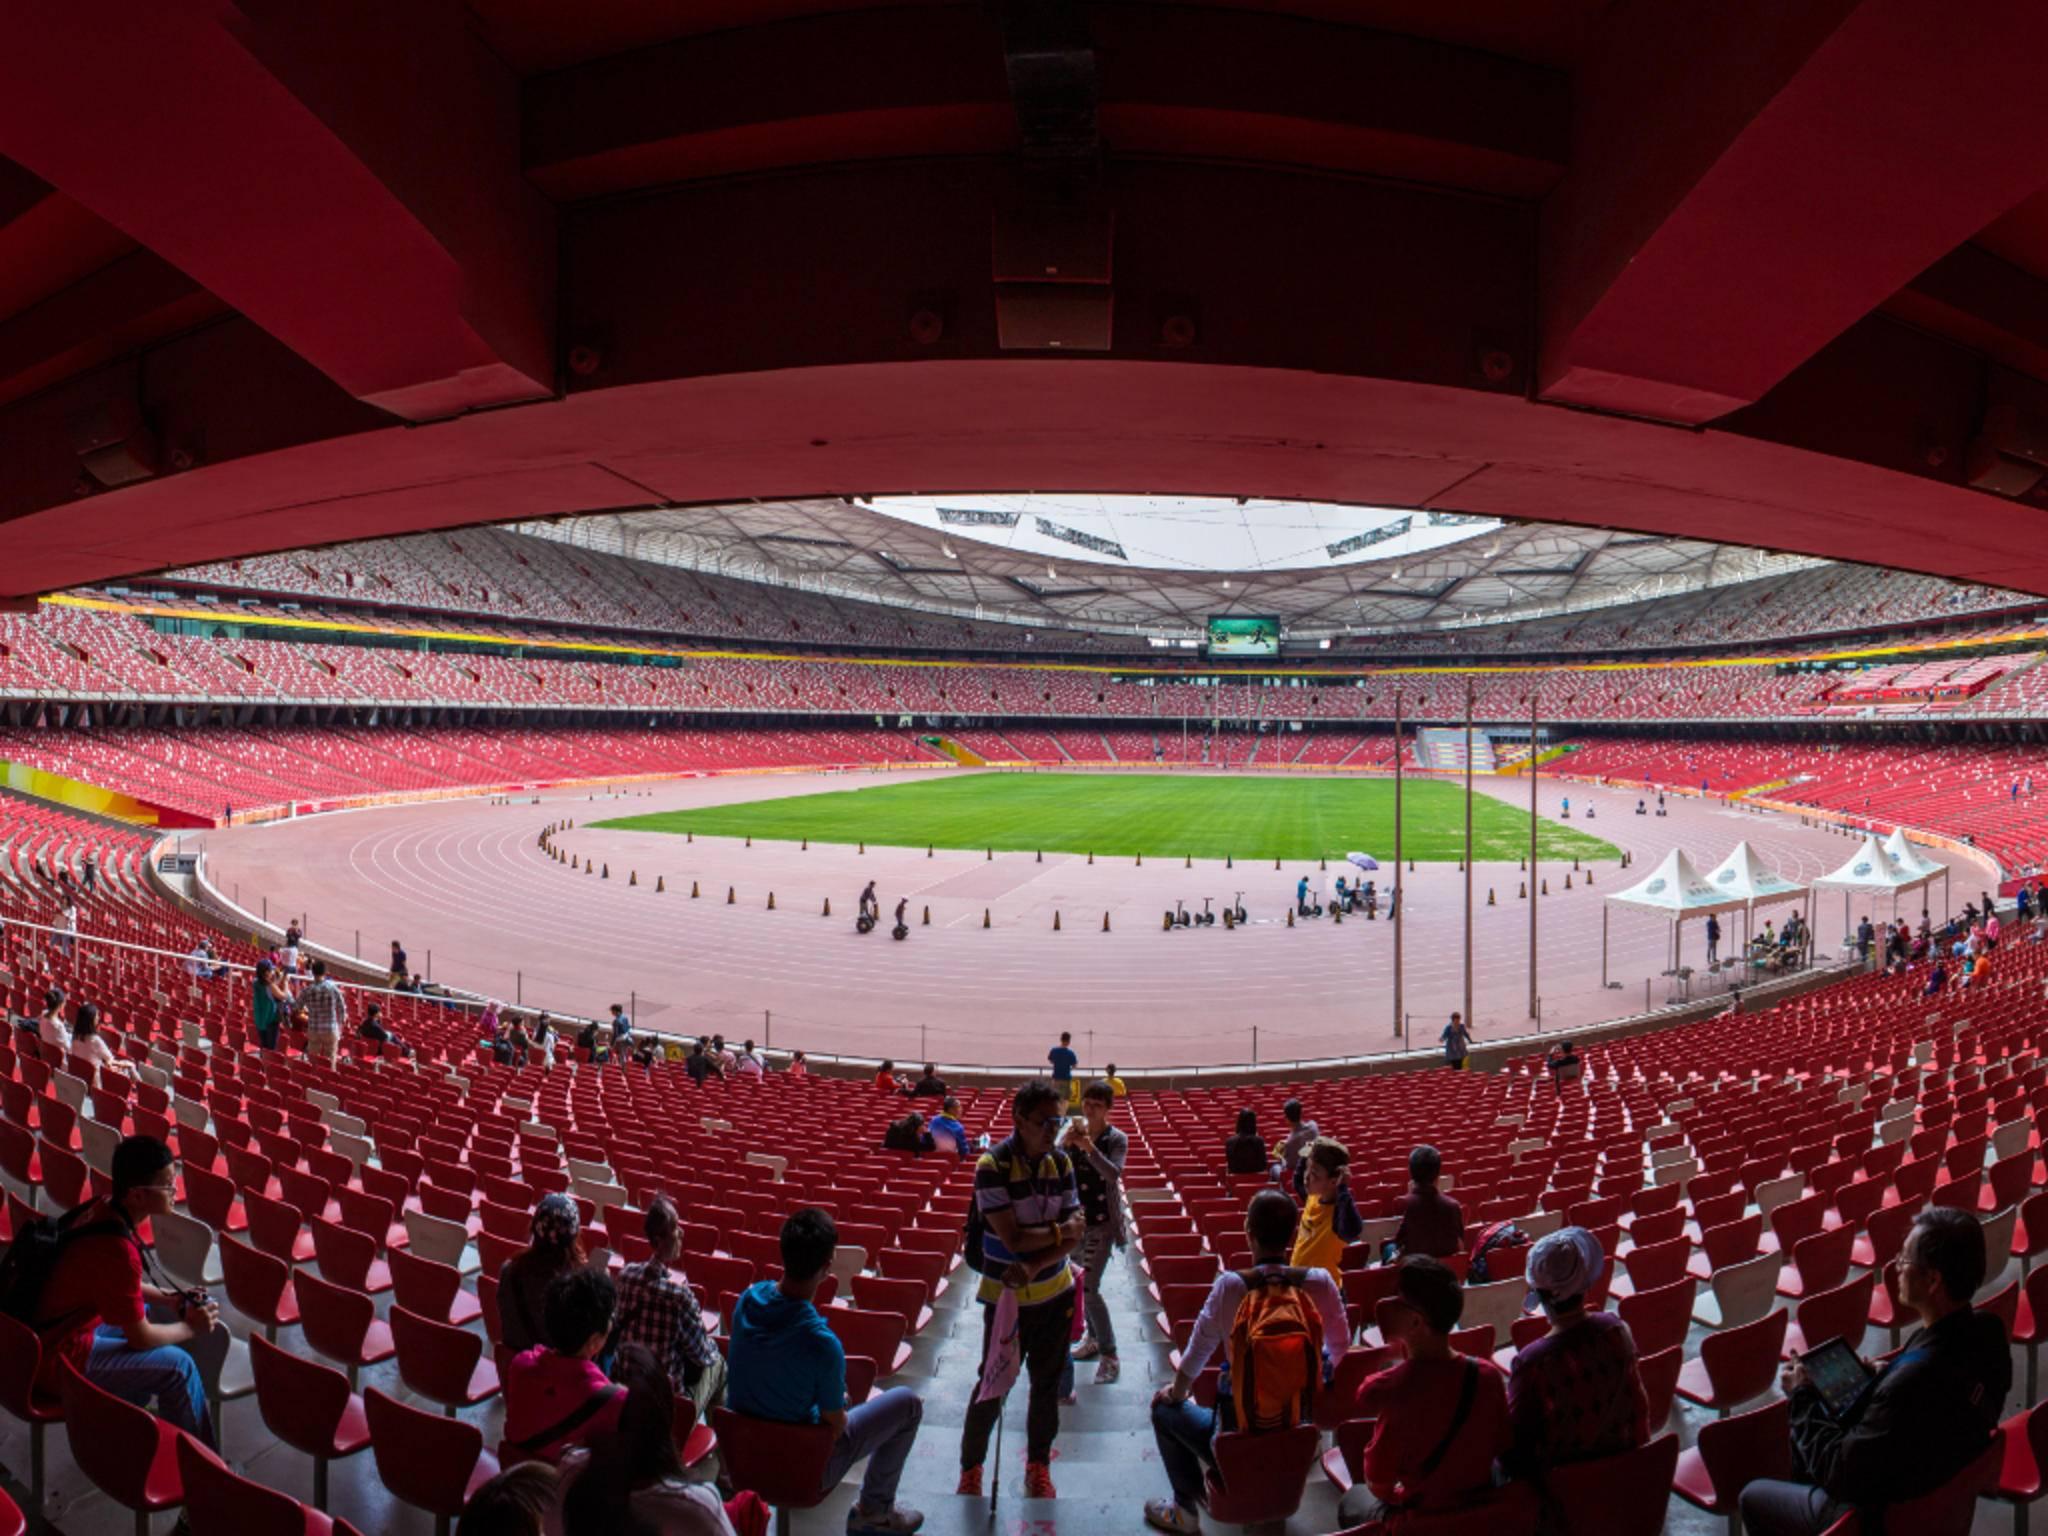 Beeindruckend: ein Panoramafoto des Nationalstadions von Peking.